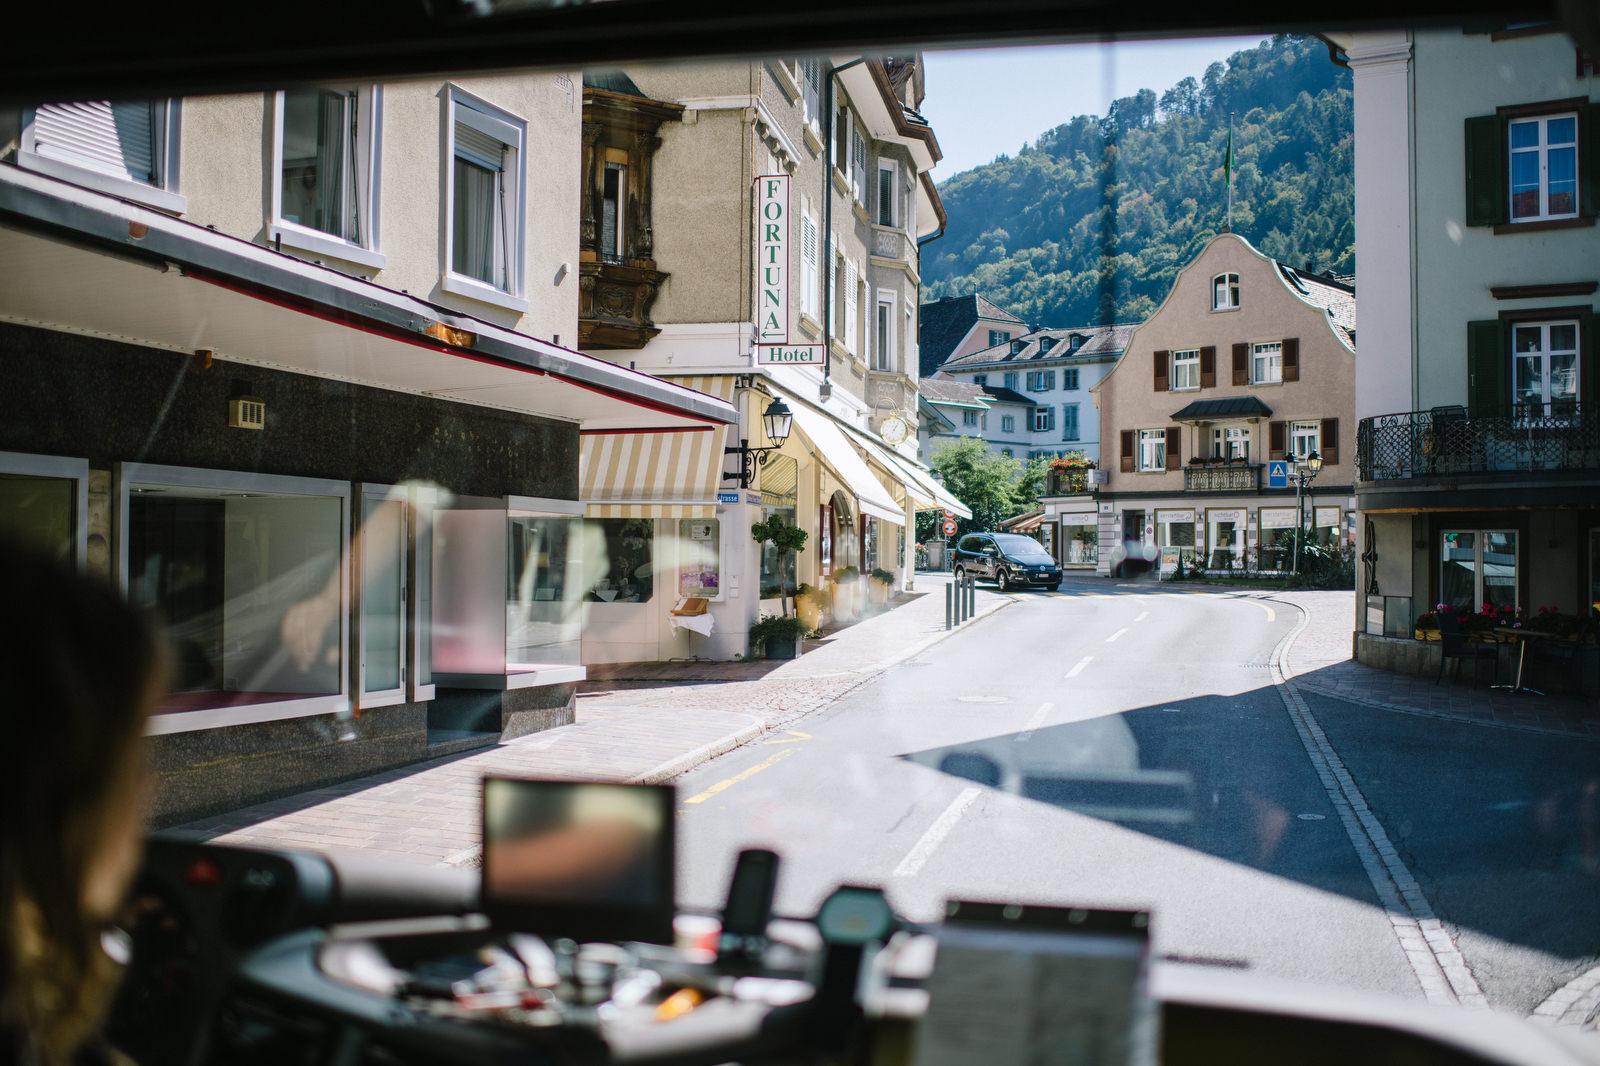 Fotograf Konstanz - Luxus Hochzeit Fotograf Grand Resort Bad Ragaz Schweiz Lichtenstein 037 - Destination wedding at the Grand Resort Bad Ragaz, Swiss  - 131 -